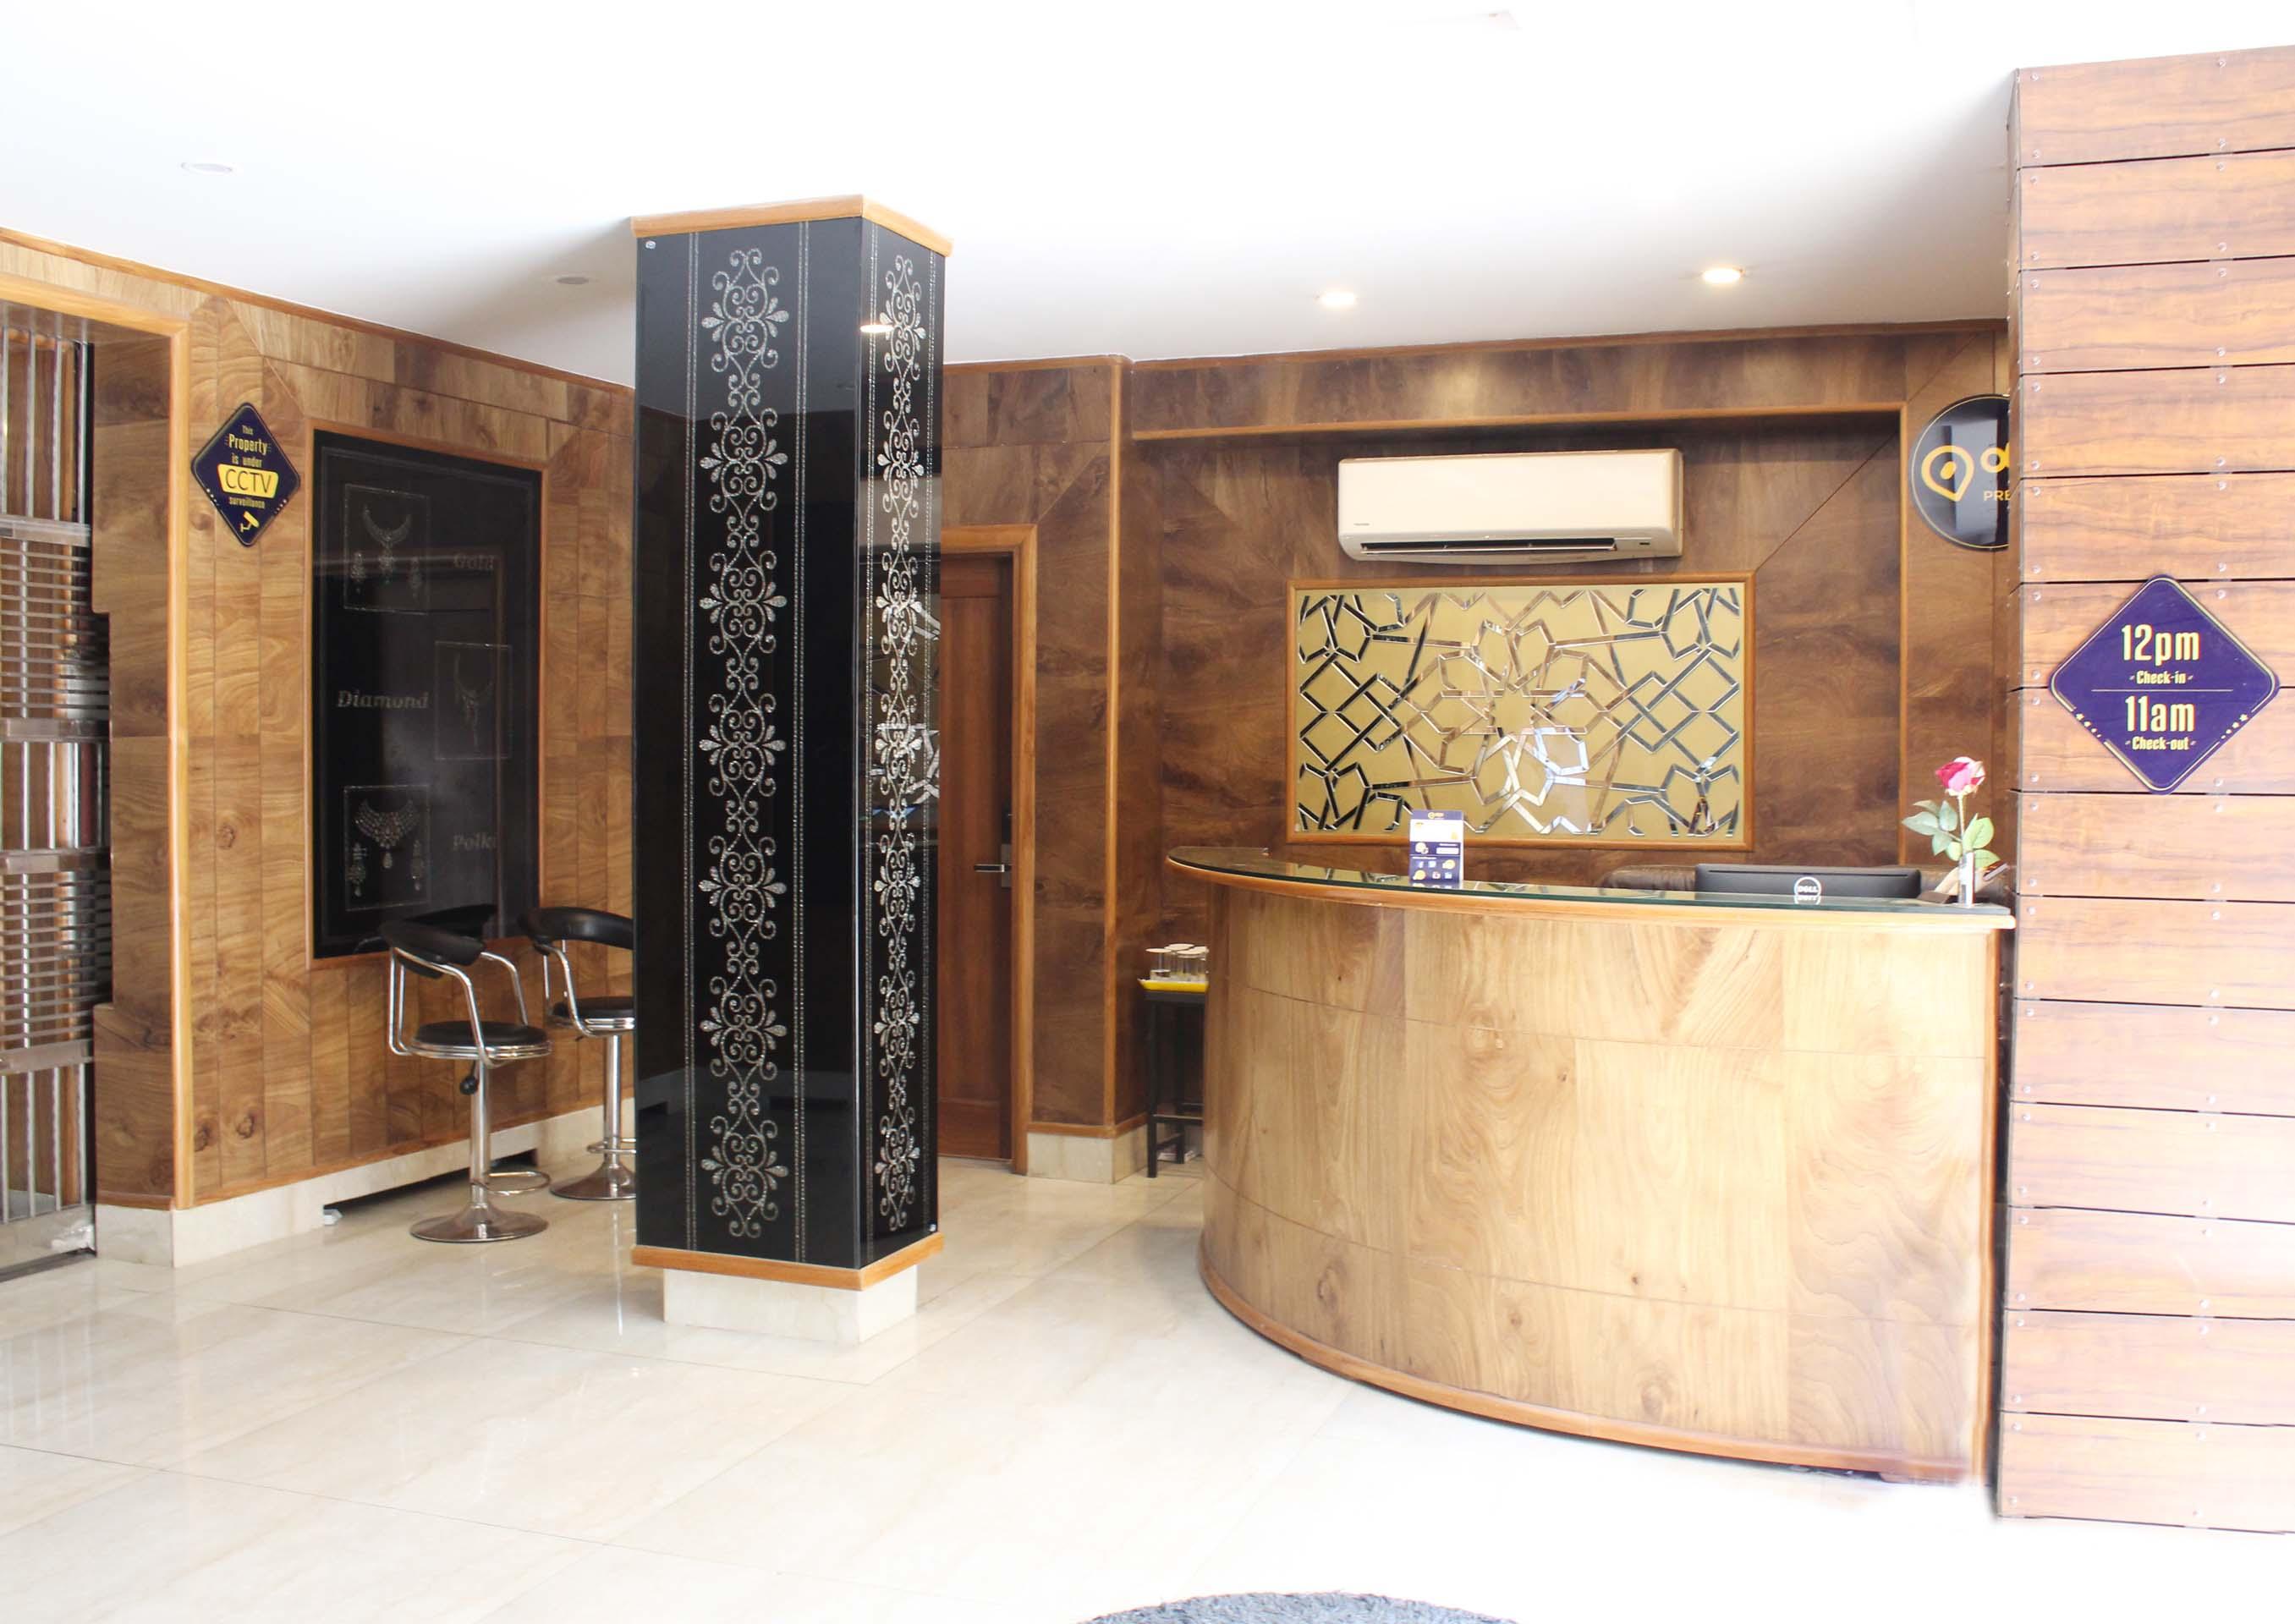 OYO 2361 Hotel Gopinath The Grand in Taraori